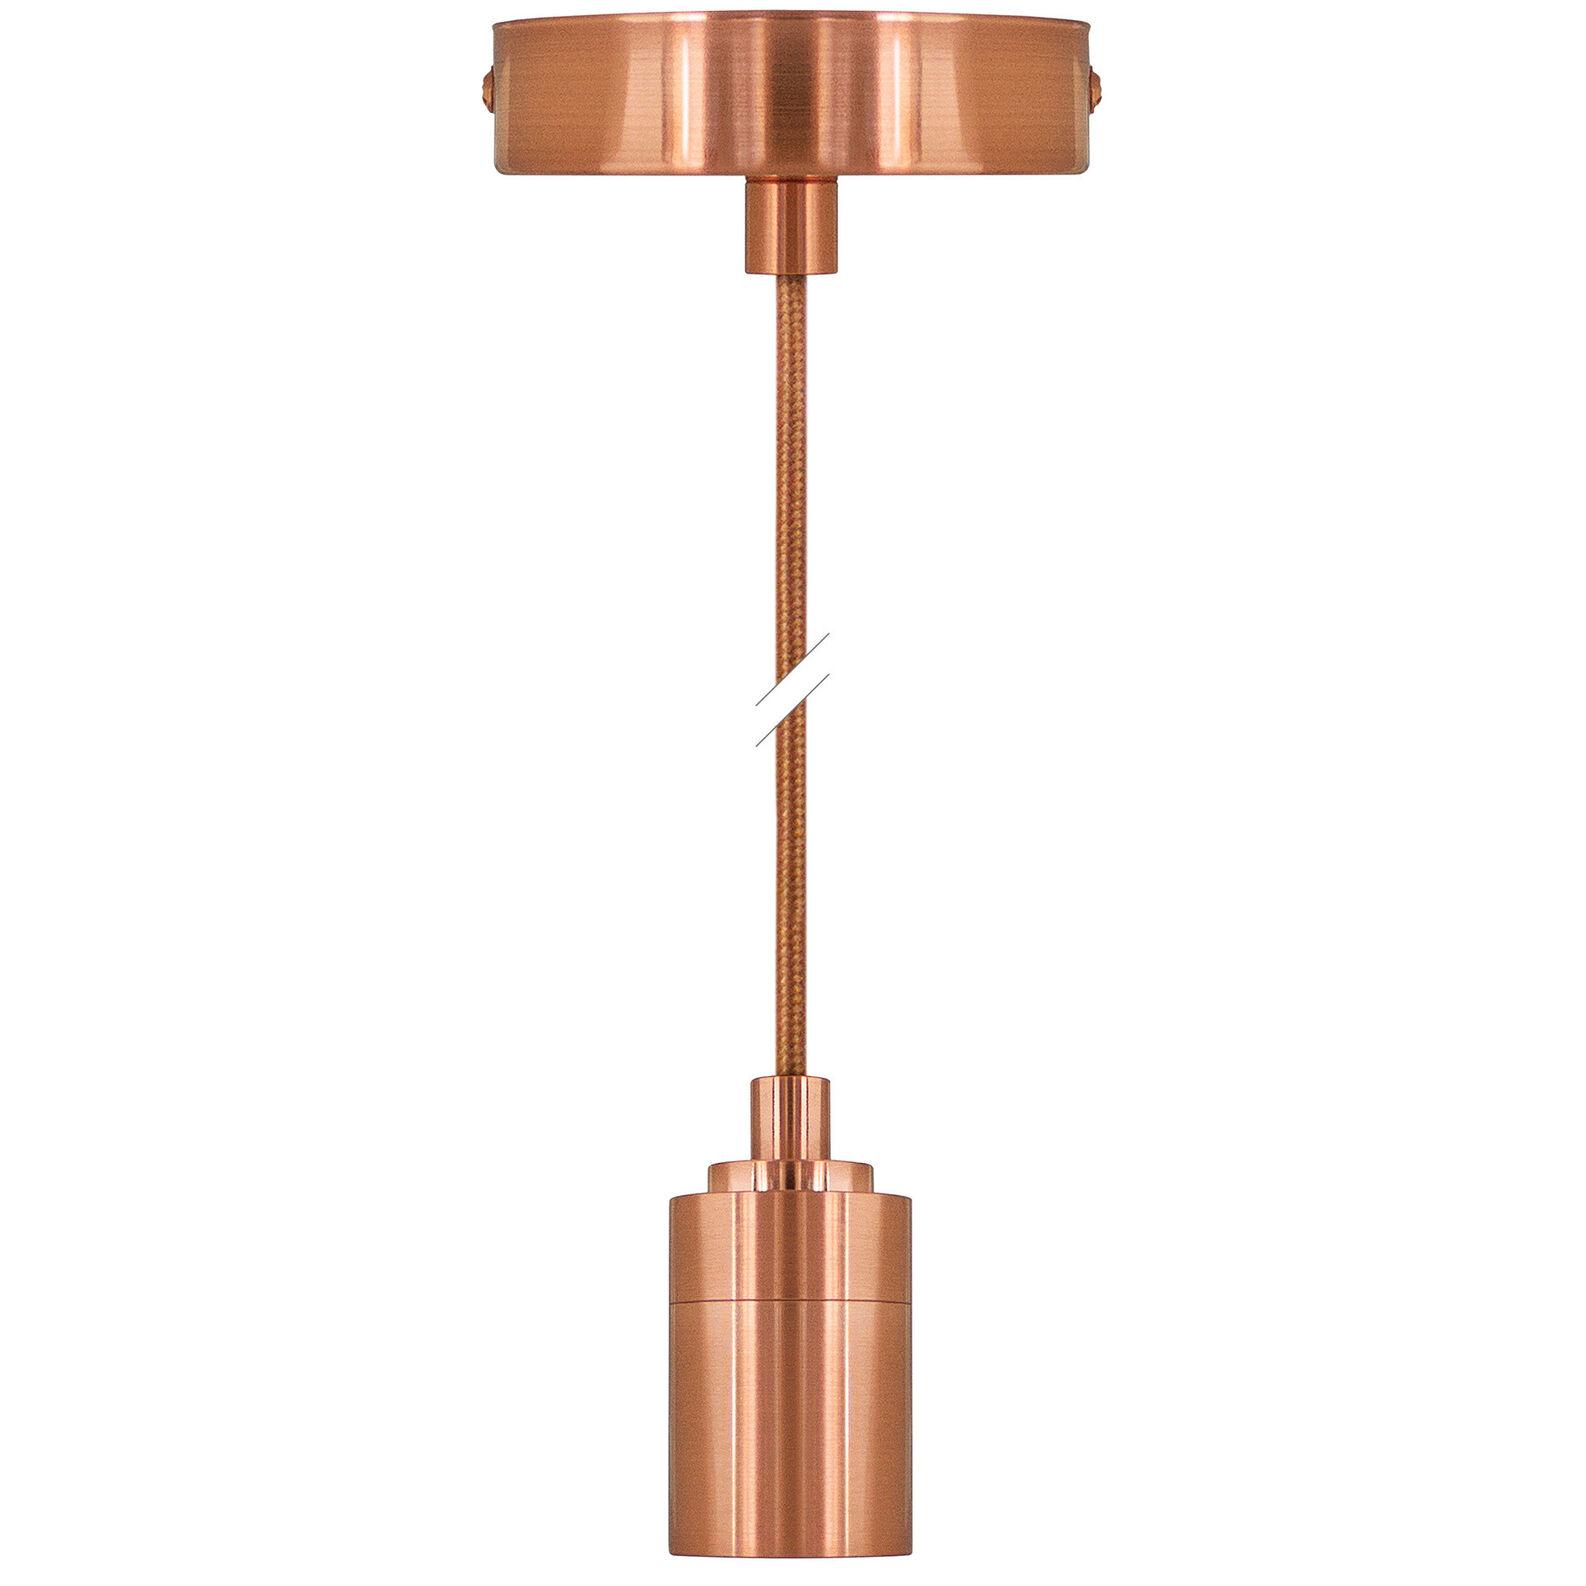 LEDbyLED Elegance suspension lamp